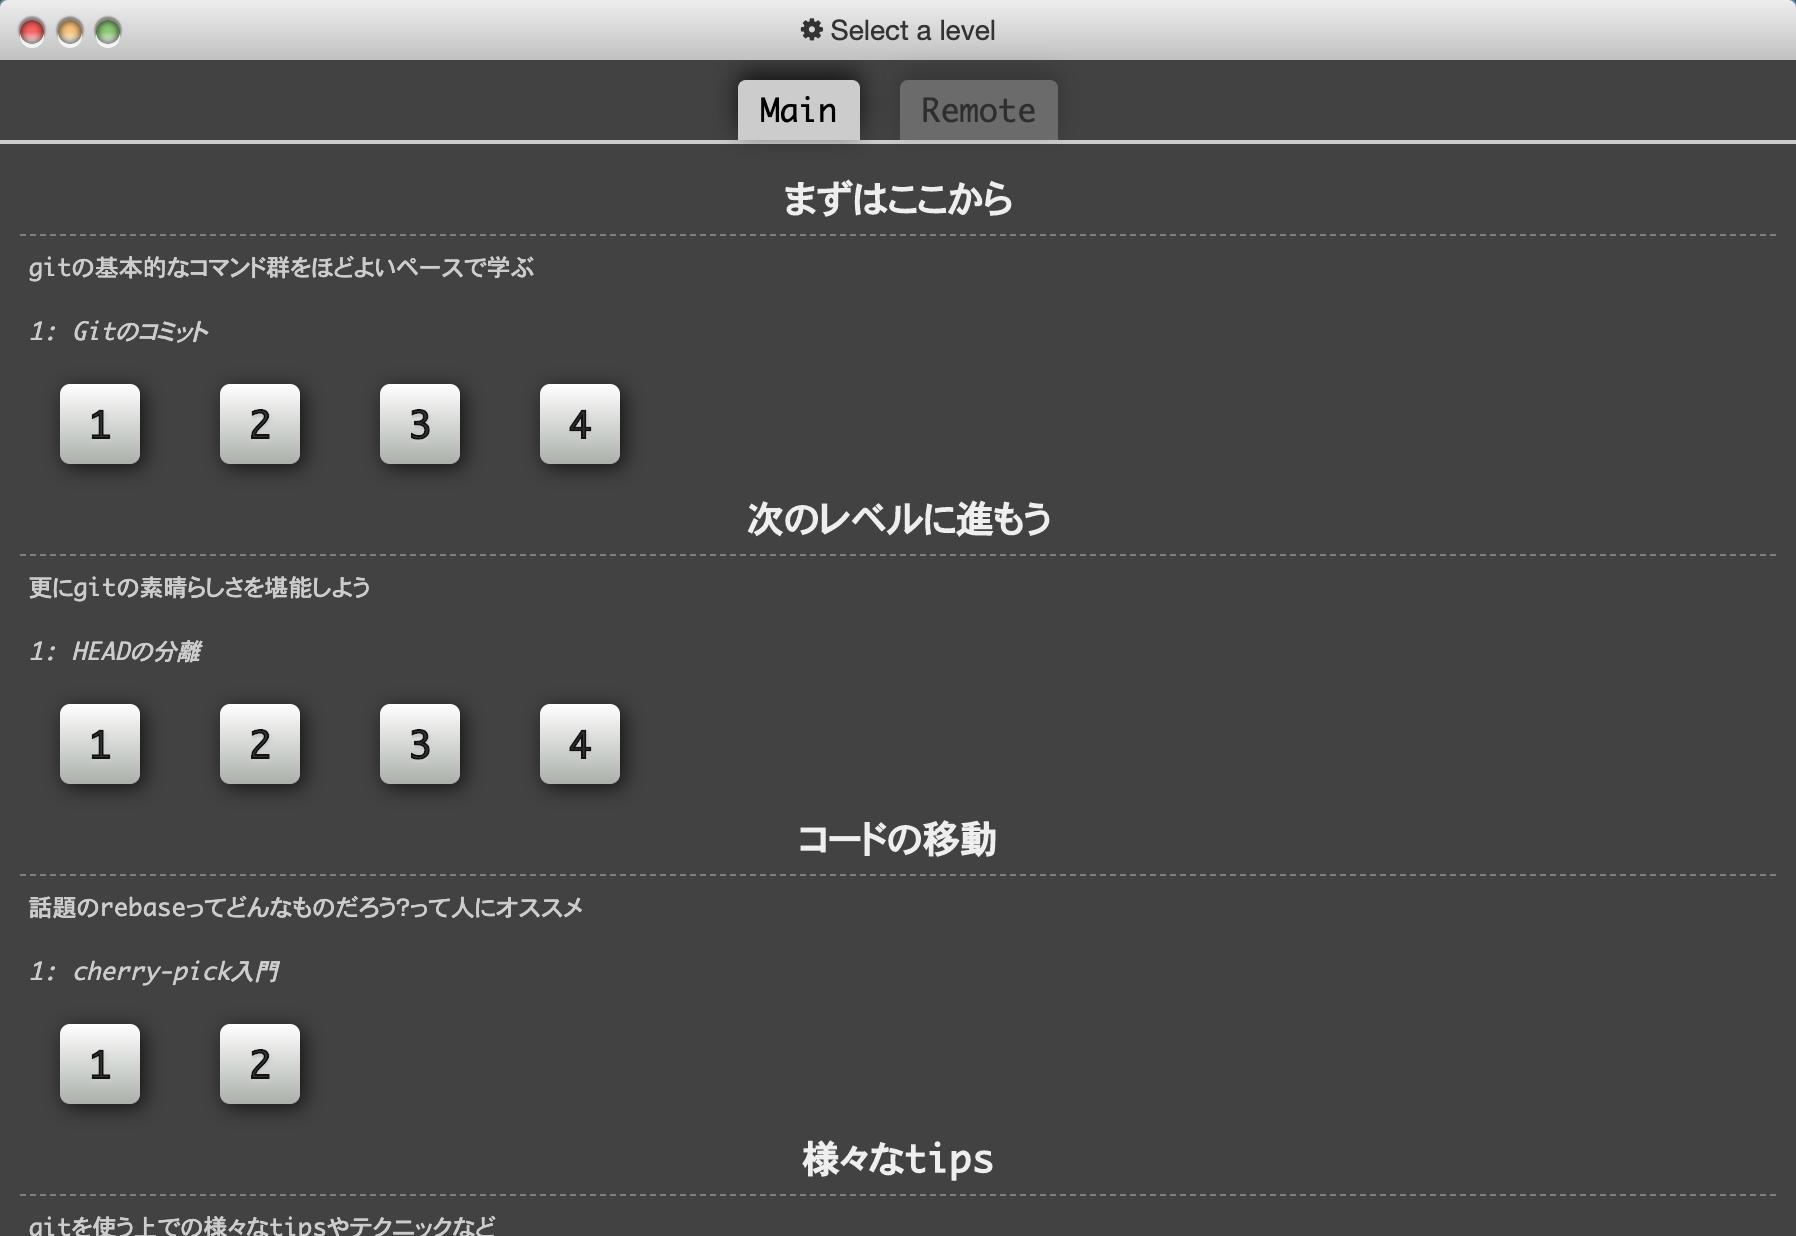 スクリーンショット 2020-02-12 12.31.21.png